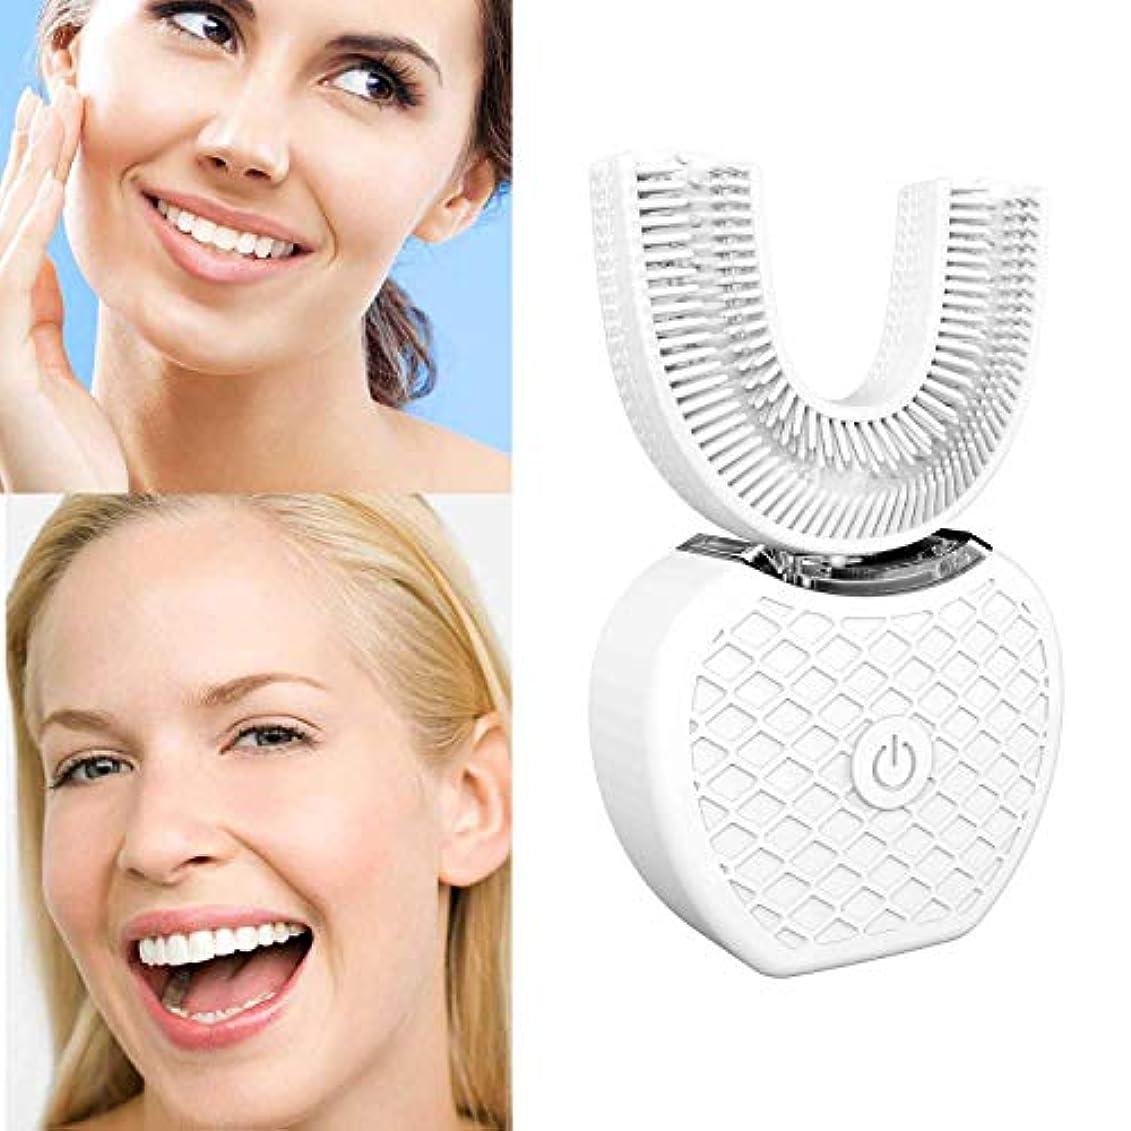 洗う恐怖症ささやき新しい電動歯ブラシ、V-white 超音波自動歯ブラシ360°包囲清掃歯、より深い清掃 (ホワイト)